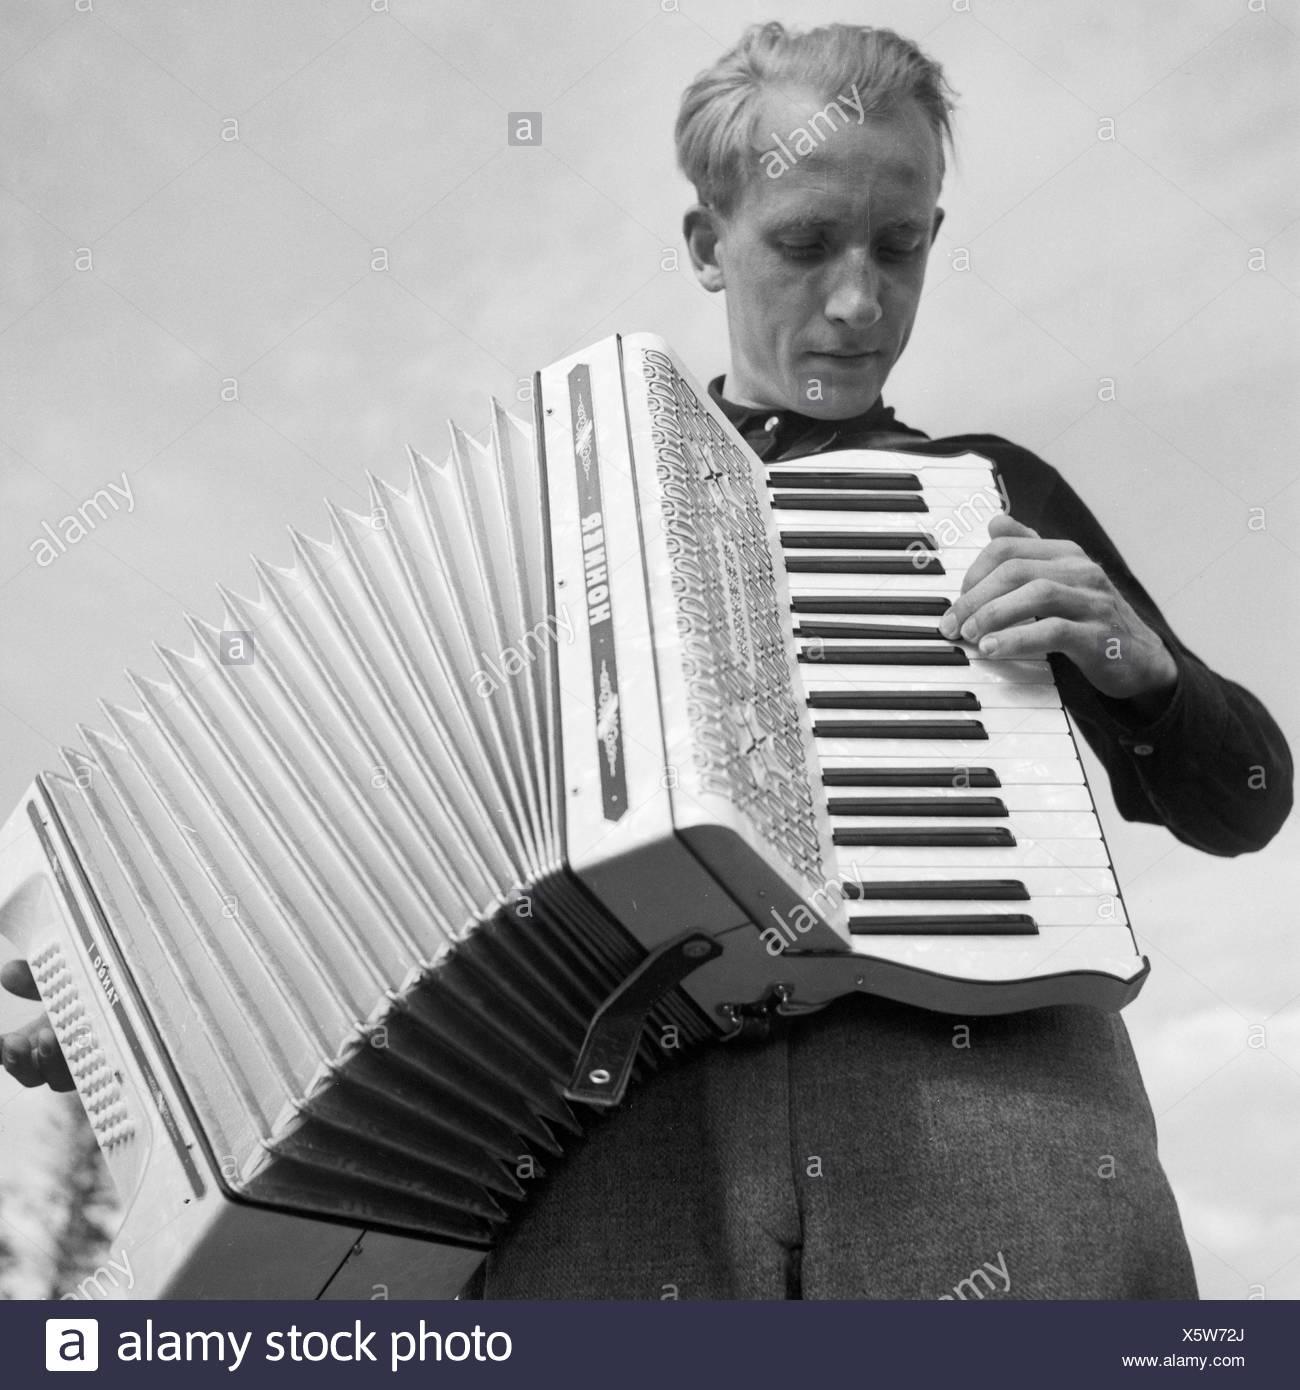 Ein Junger Mann Spielt Akkordeon, 1930er Jahre Deutschland. Ein junger Mann das Handorgelspiel, Deutschland der 1930er Jahre. Stockbild